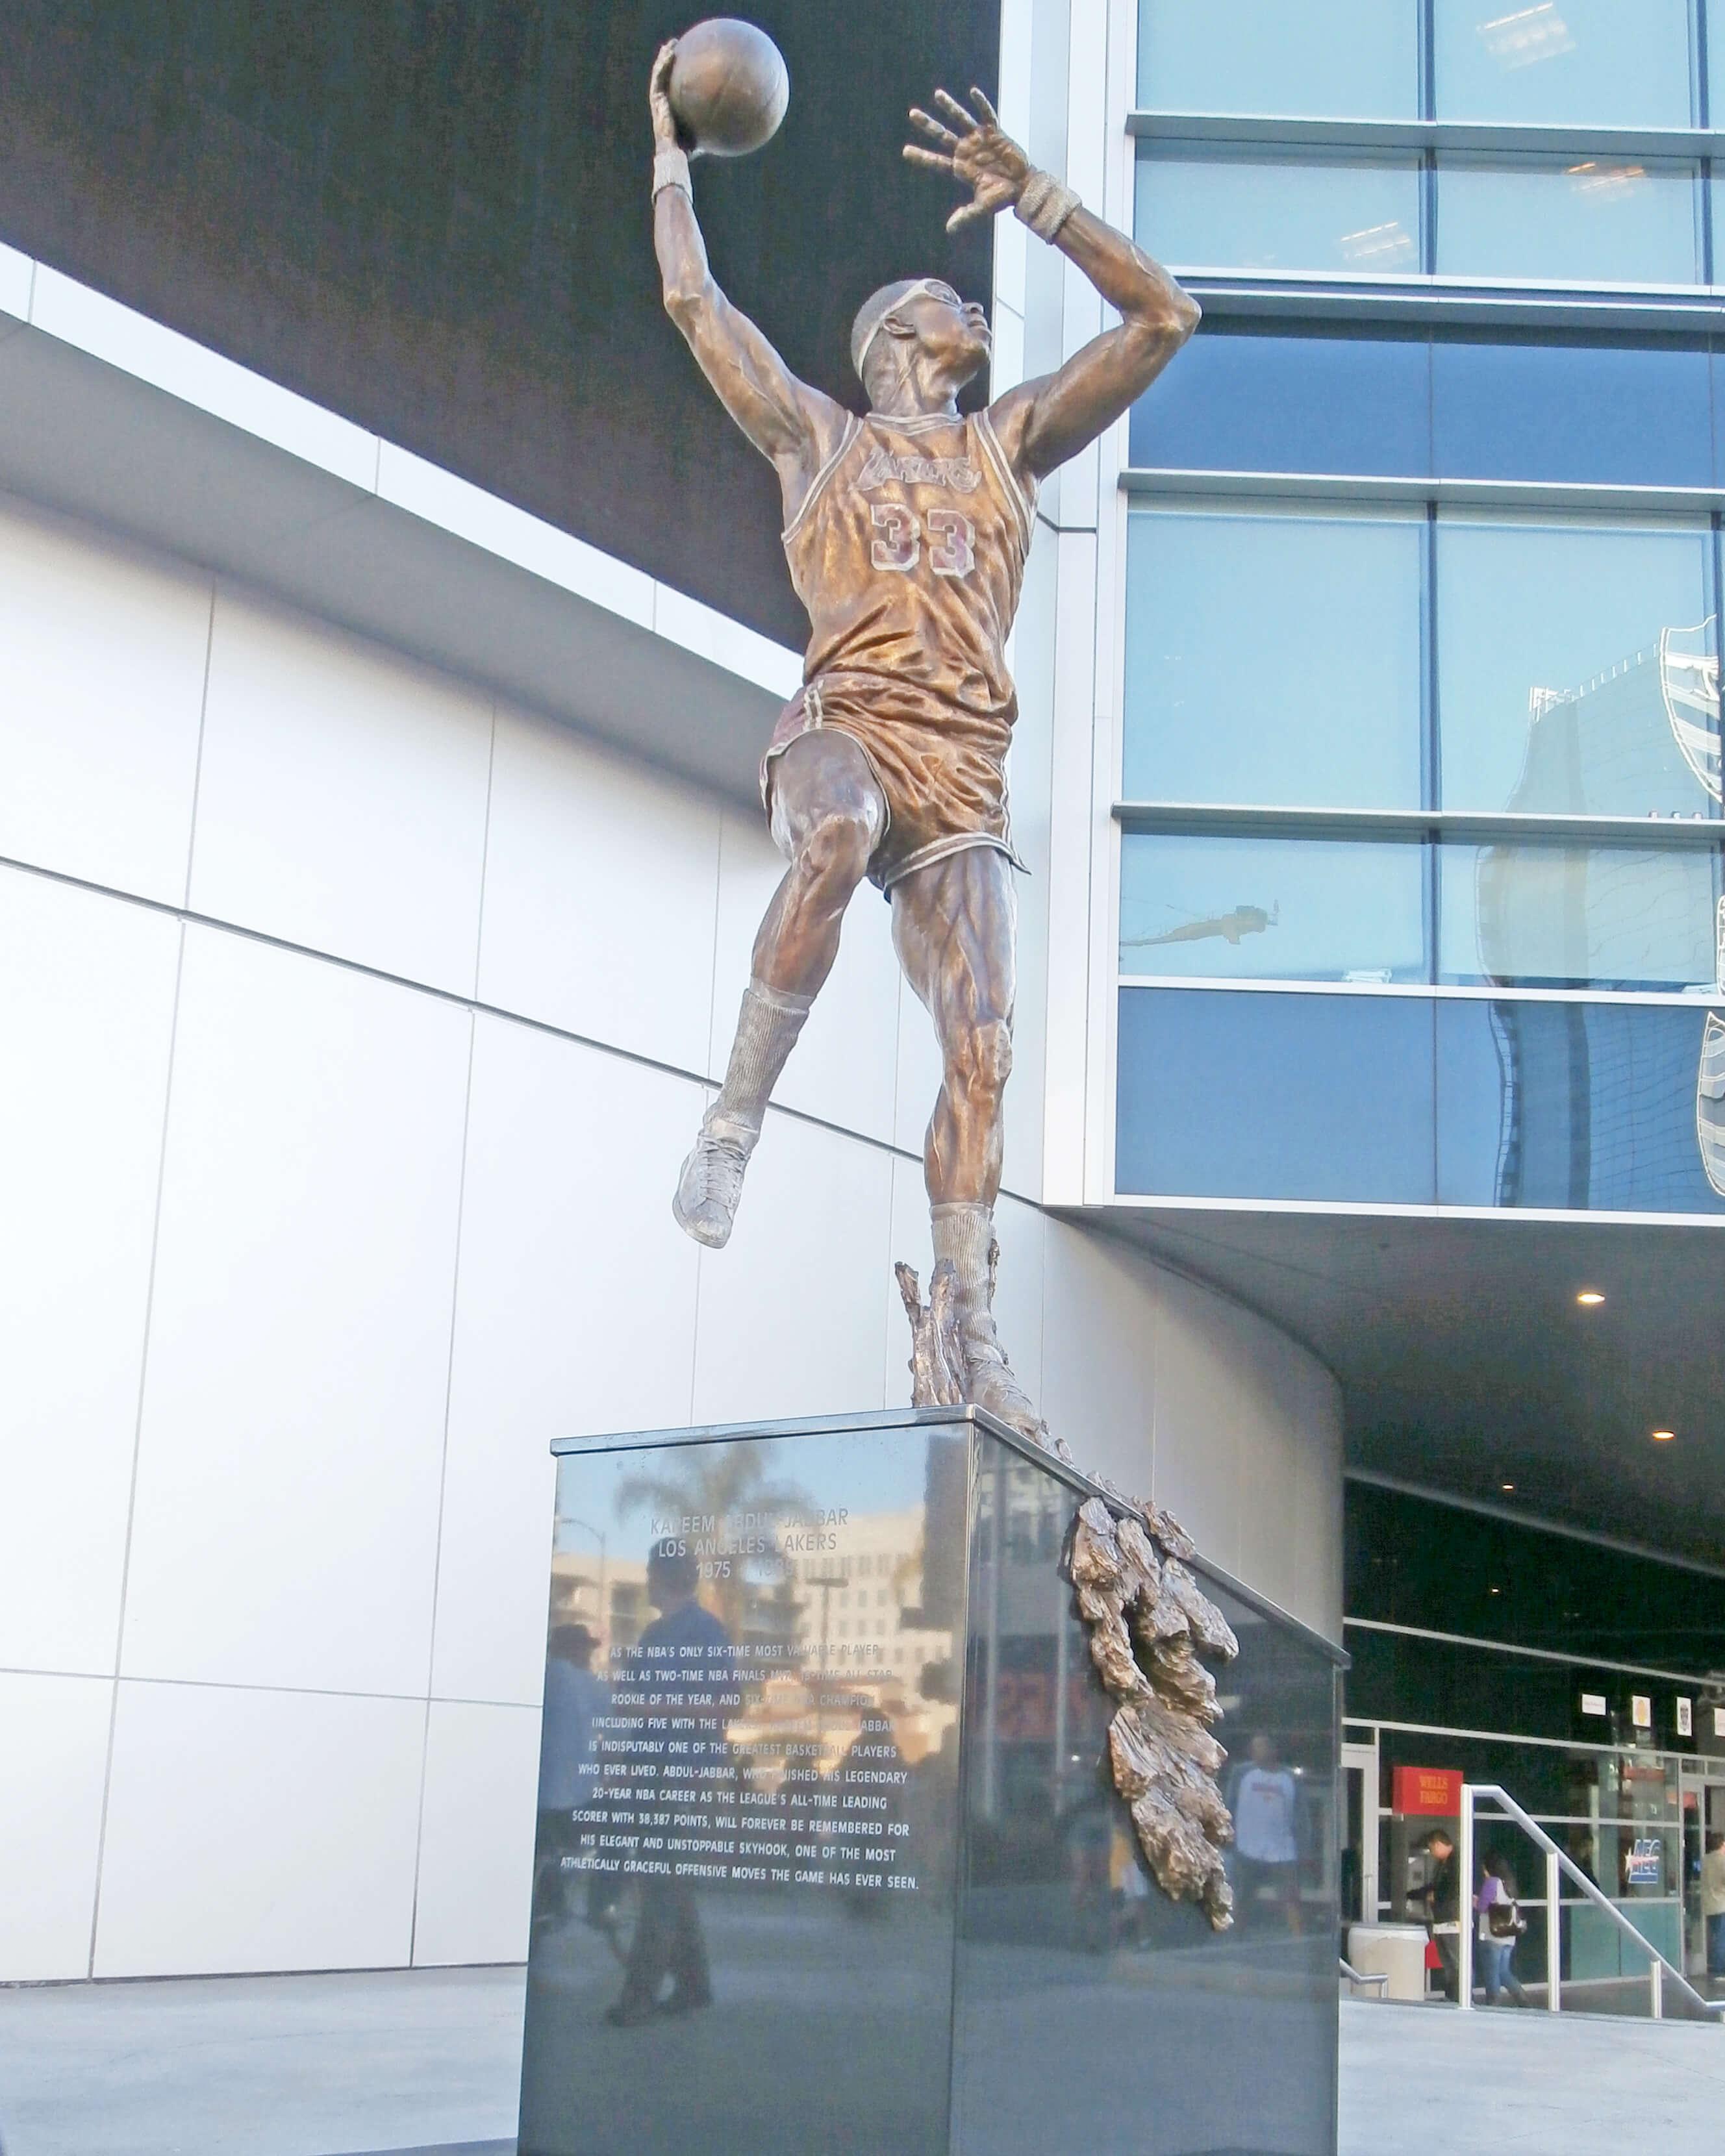 Kareem Abdul-Jabbar, statue, LA Lakers